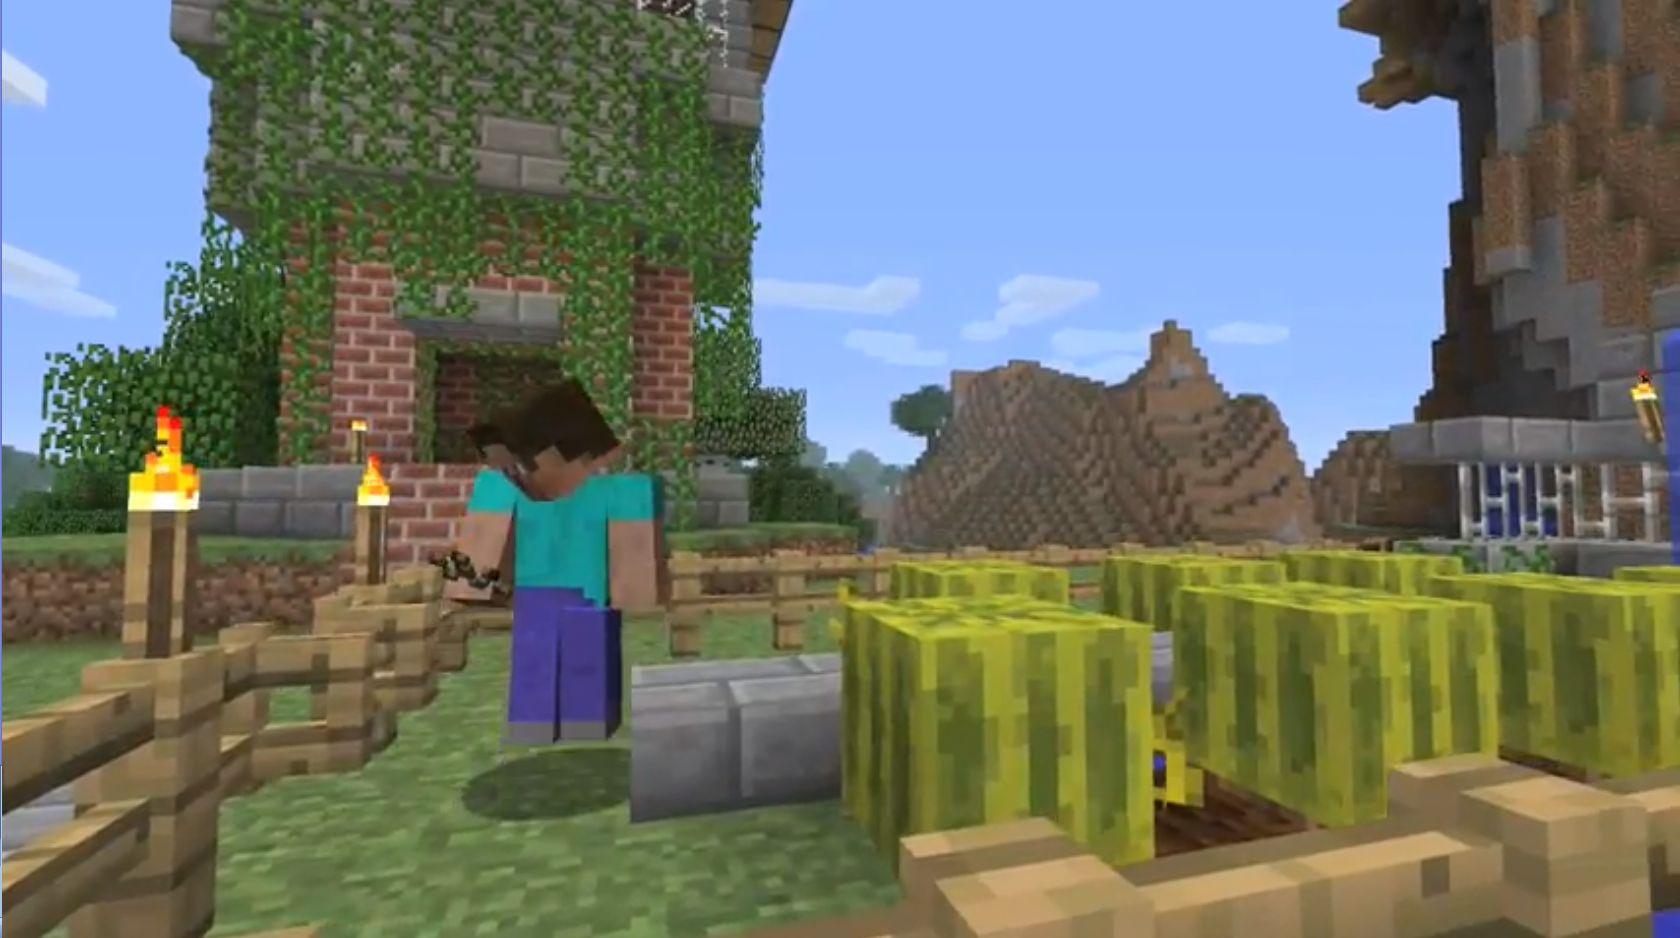 Minecraft Pc Game Demo Map Download Freshyou - Minecraft 2d spielen ohne download